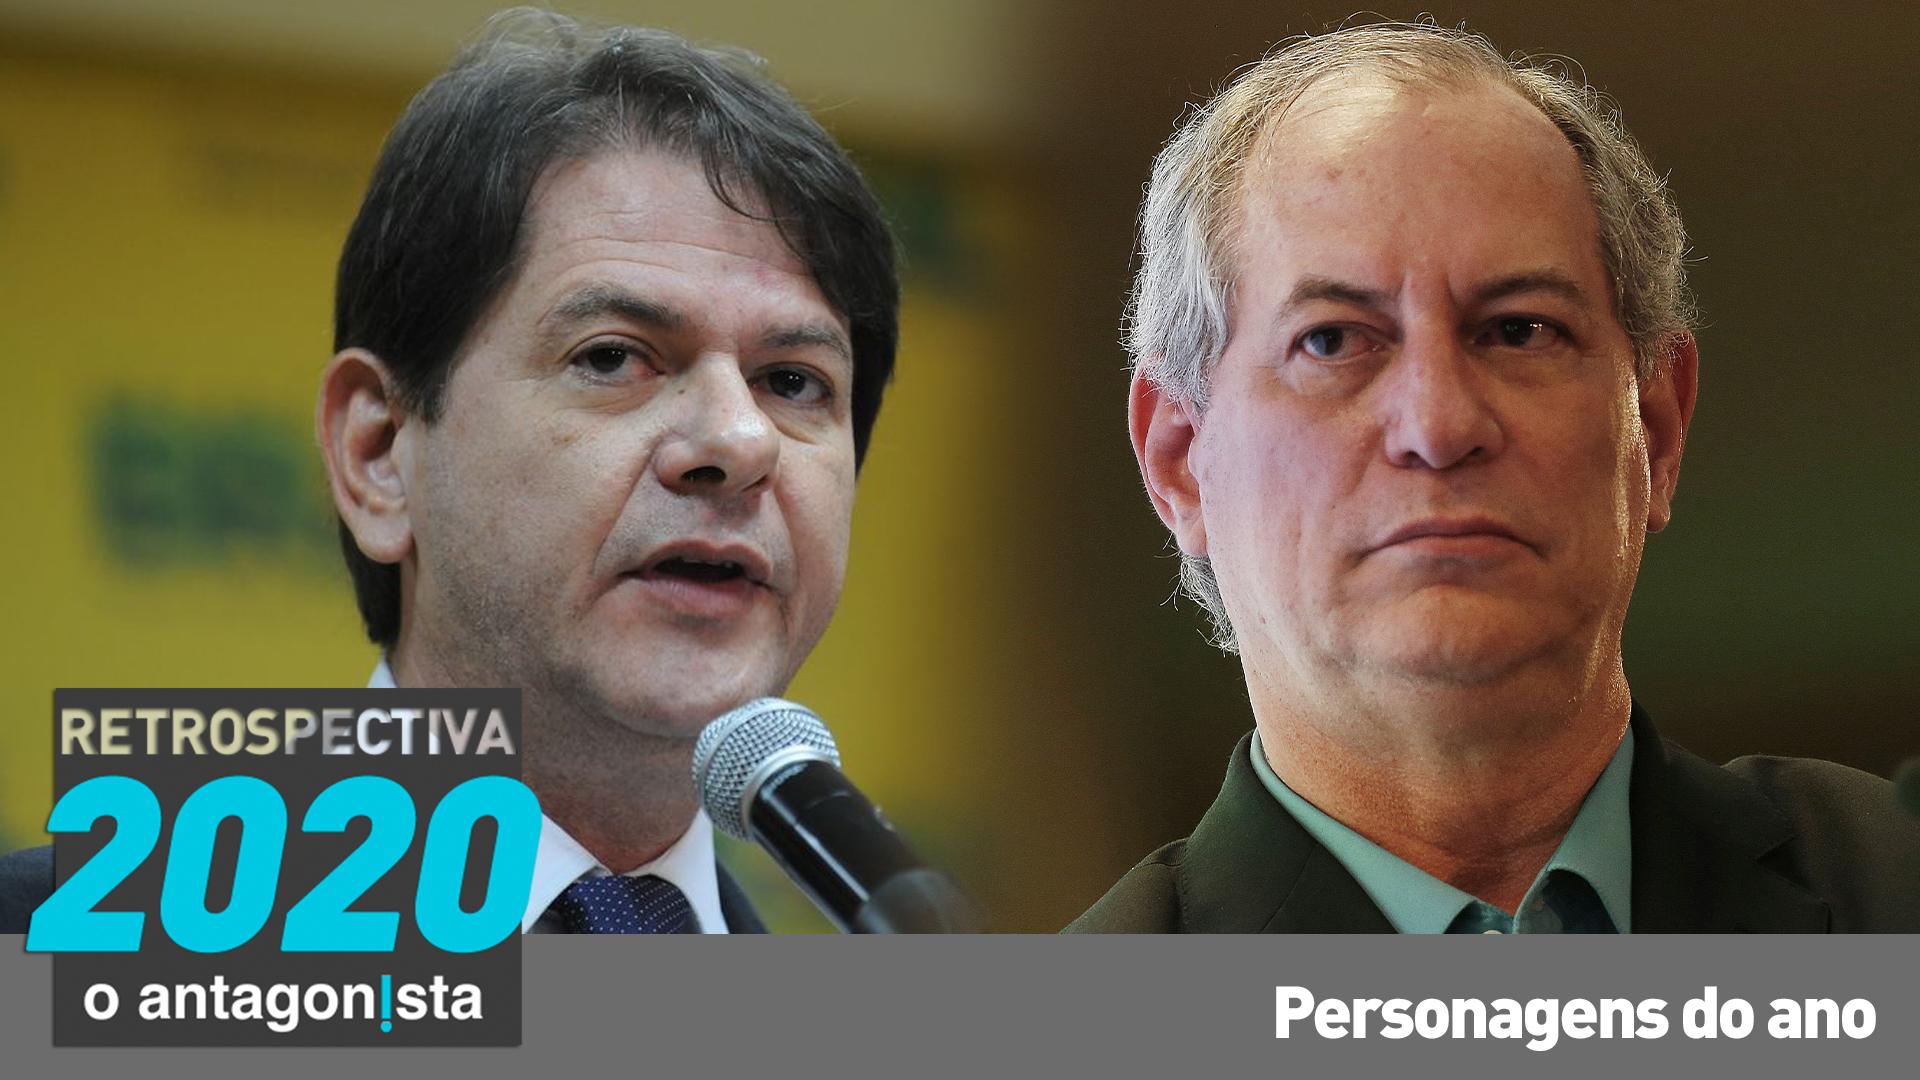 IMAGEM: Ciro e Cid Gomes, os irmãos tresloucados